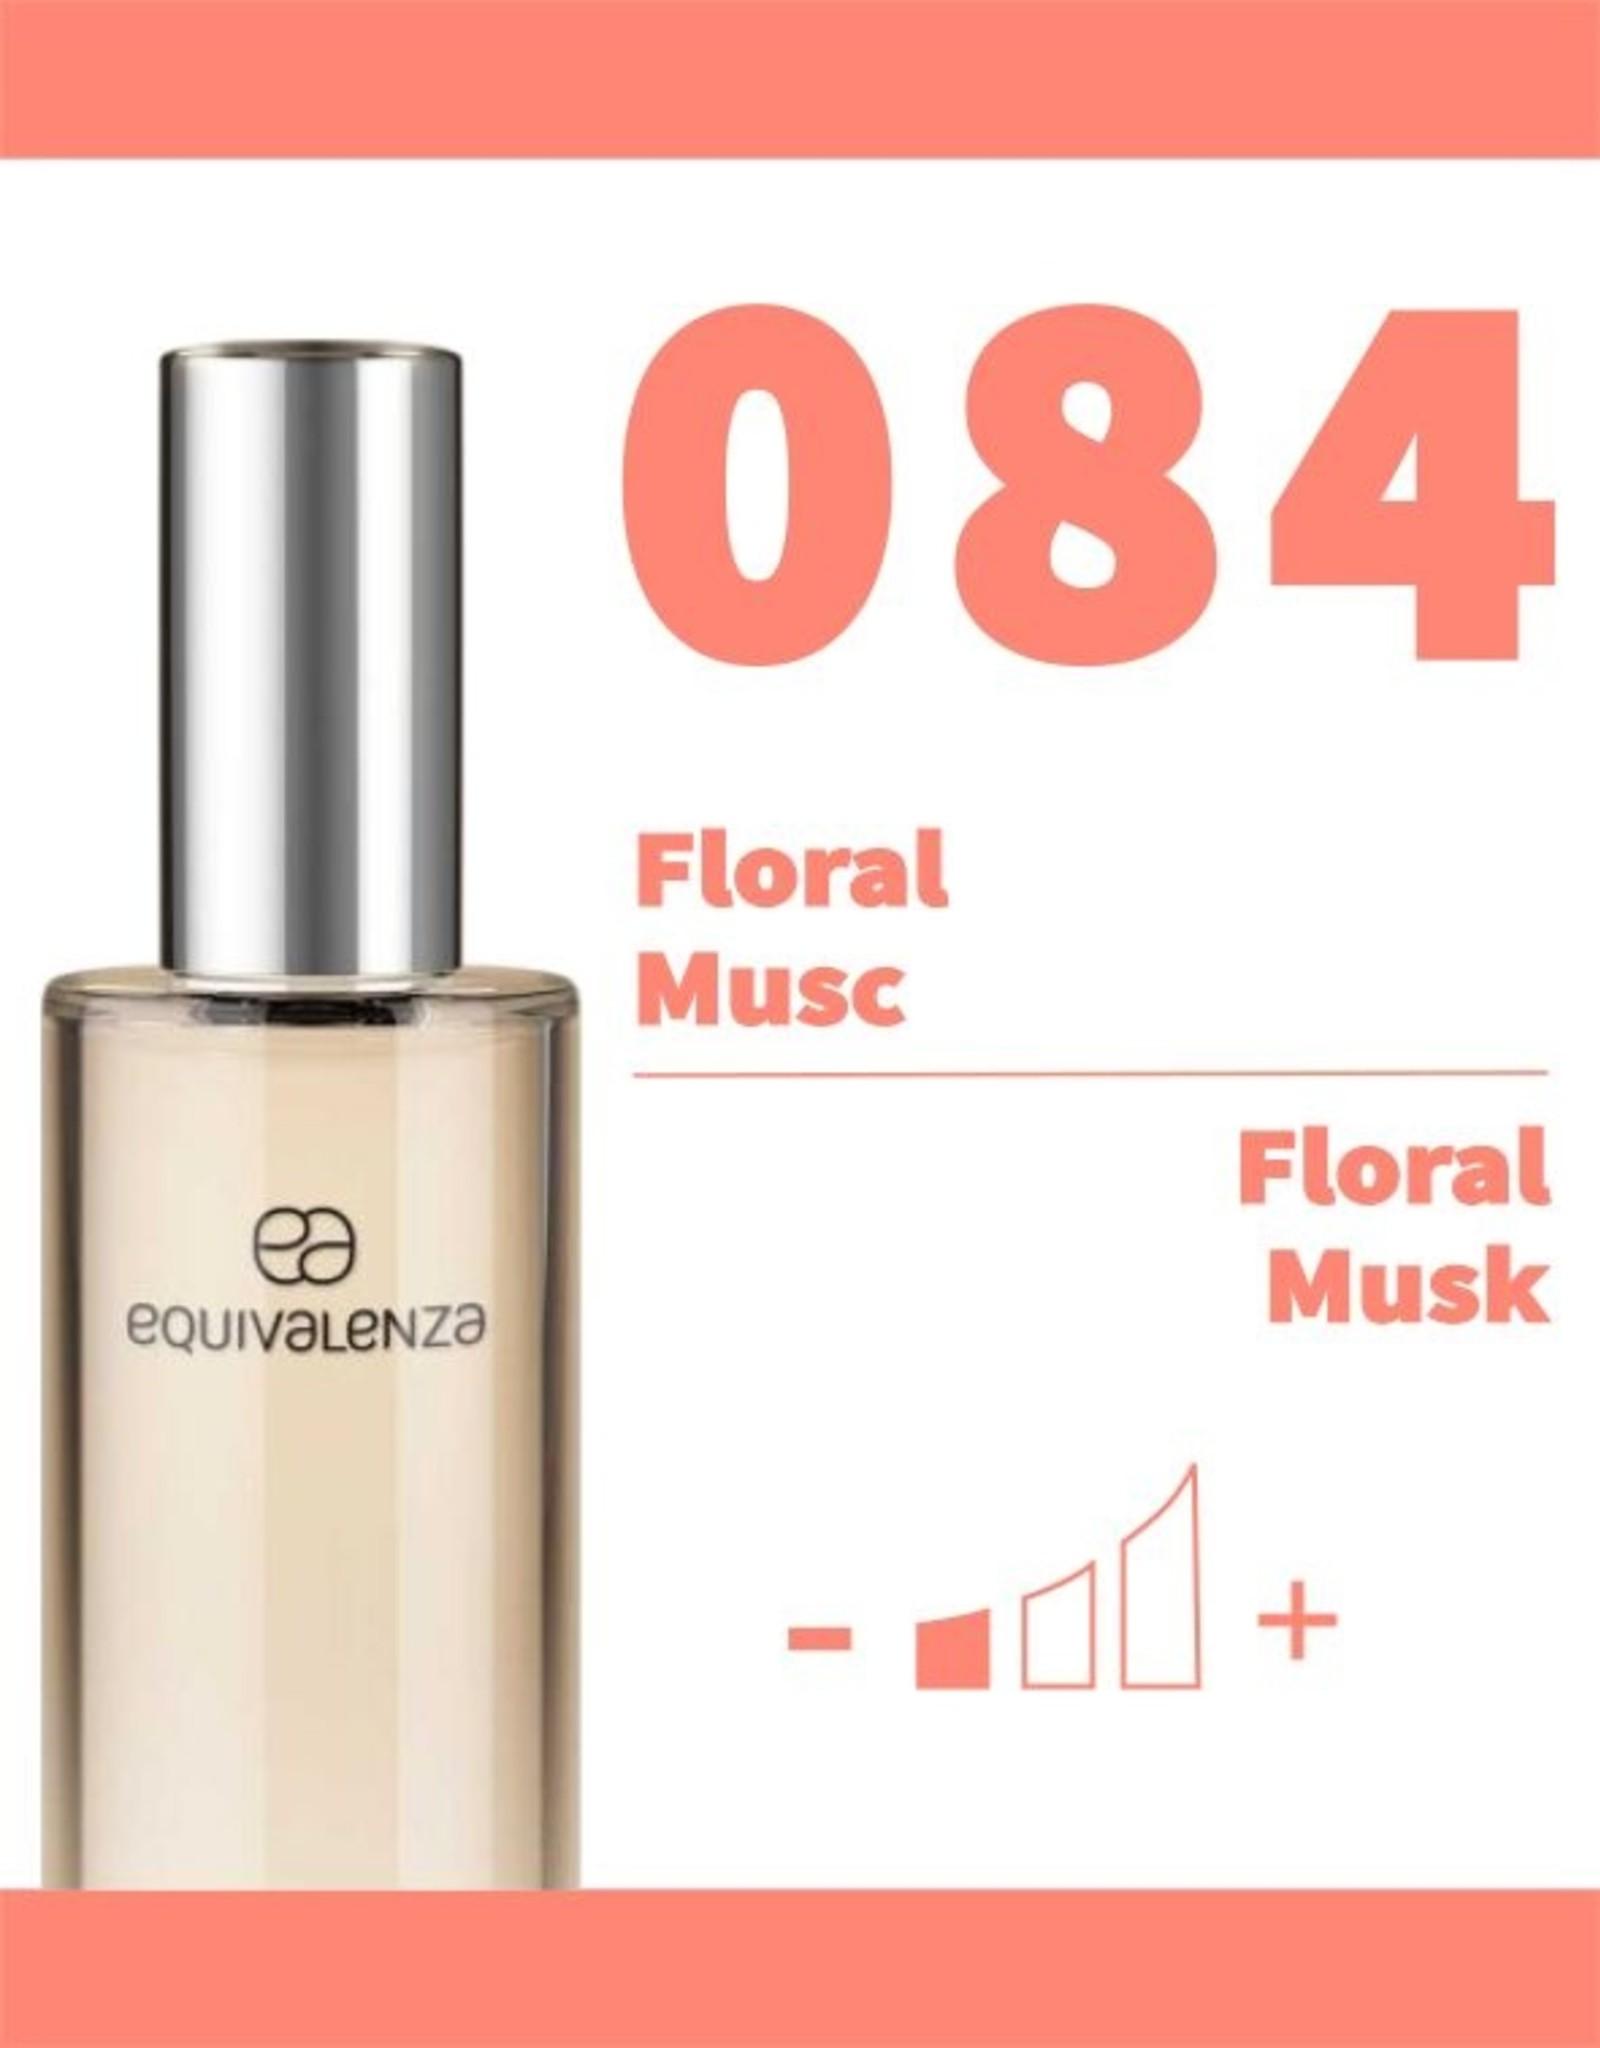 Equivalenza Eau de Toilette Floral Musc 084